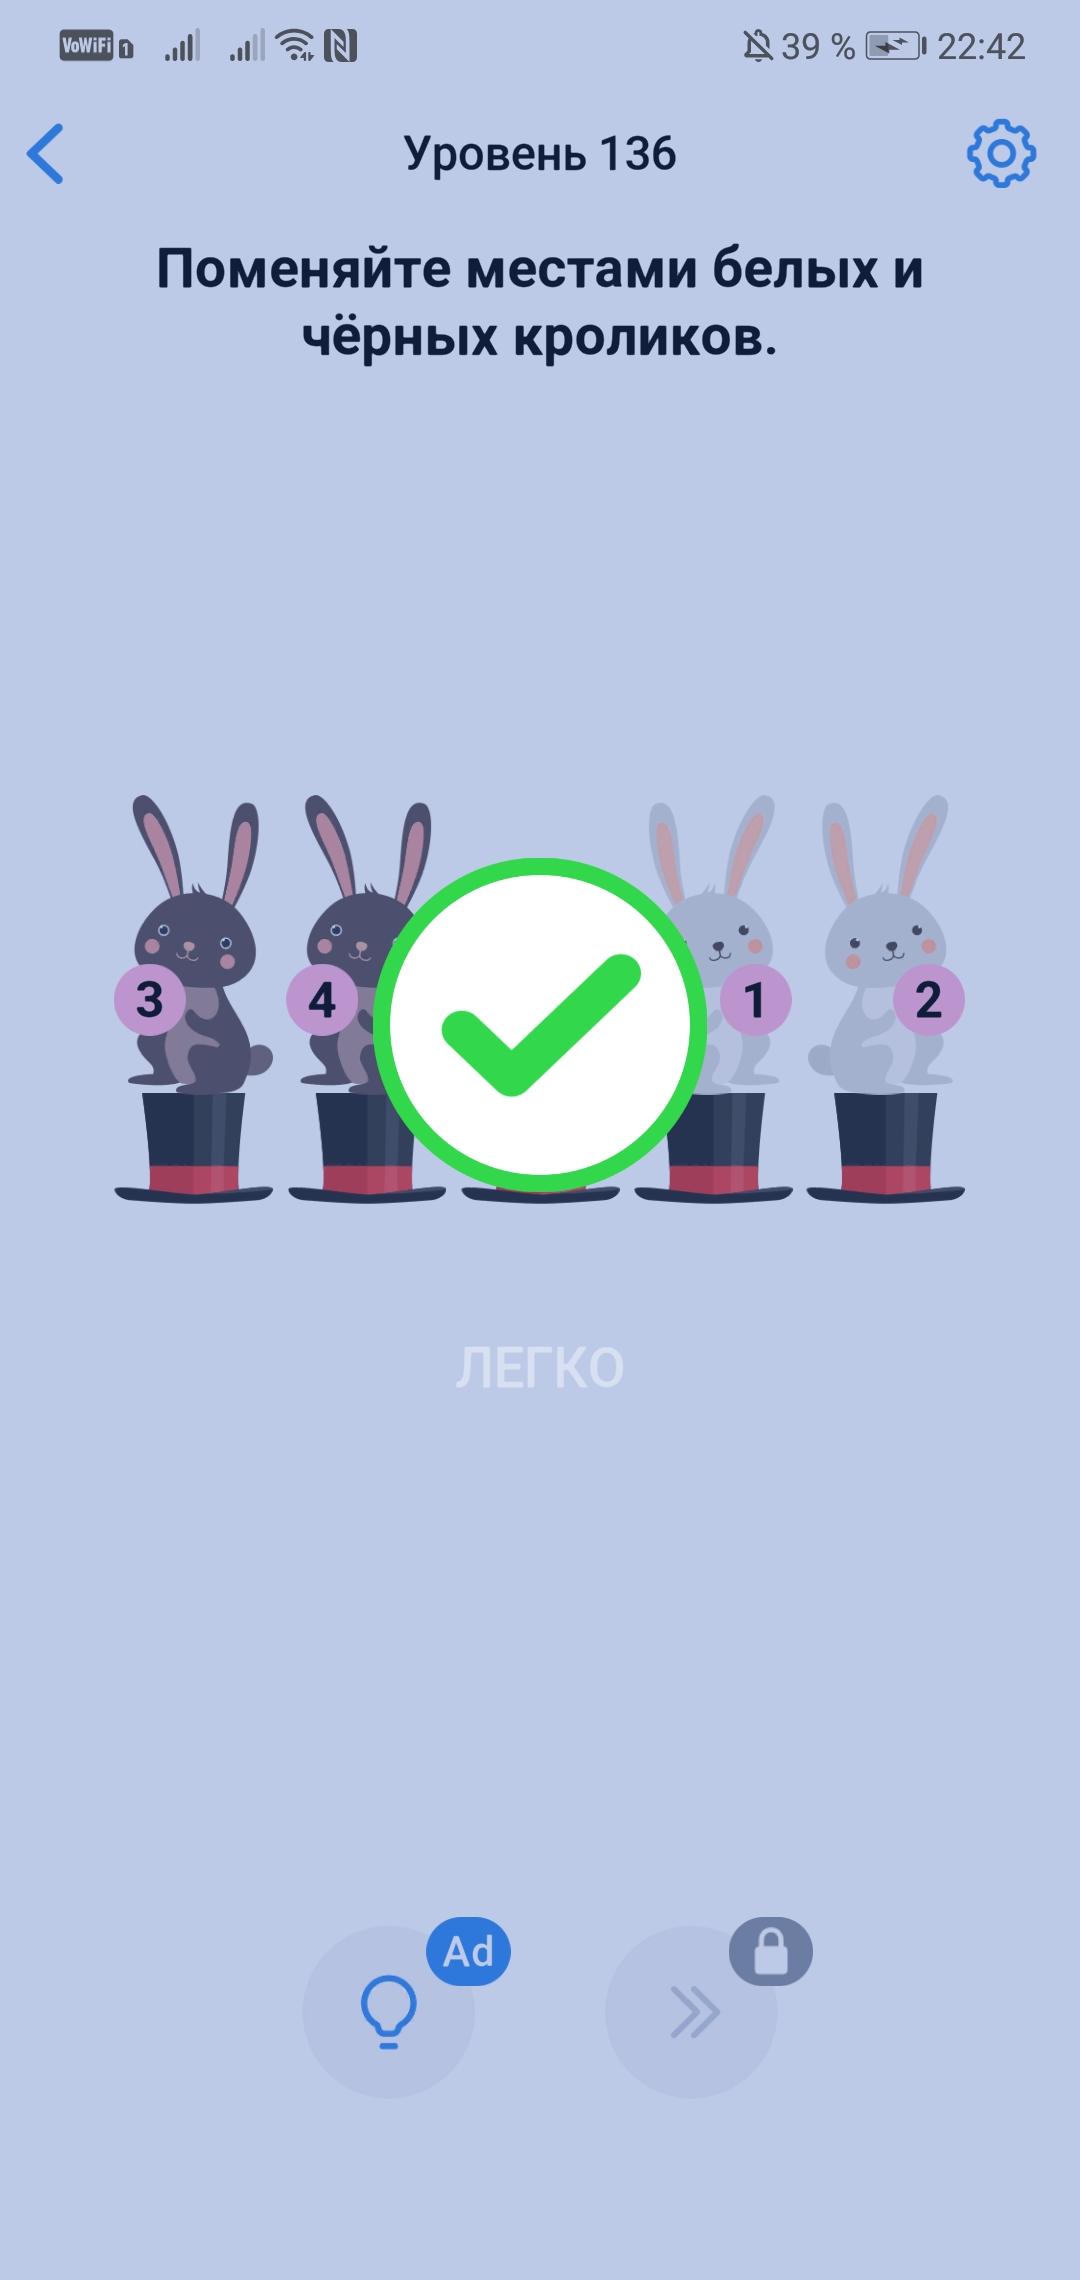 Easy Game - 136 уровень - Поменяйте местами белых и чёрных кроликов.